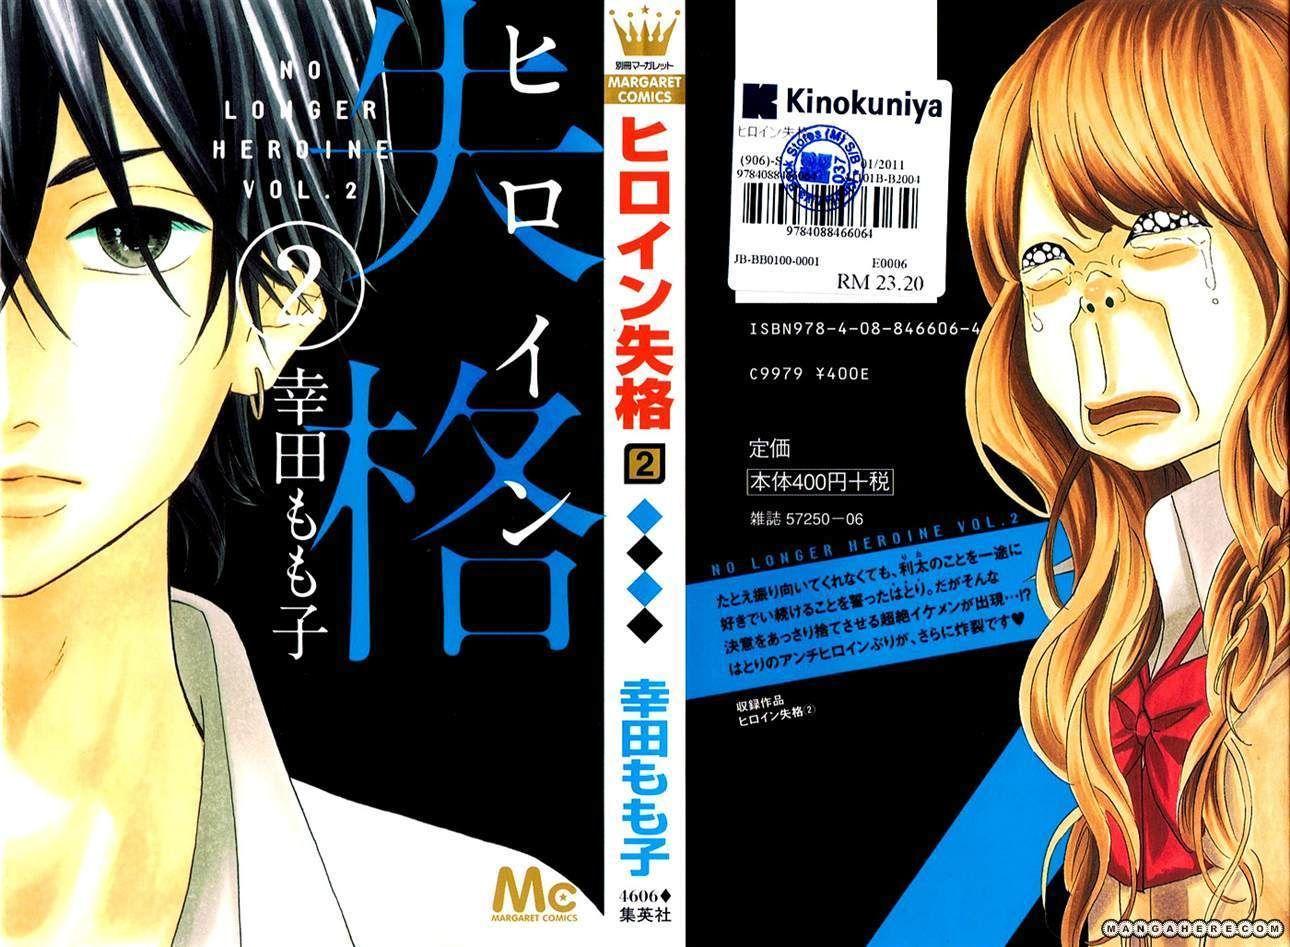 Heroine Shikkaku 8 Page 1